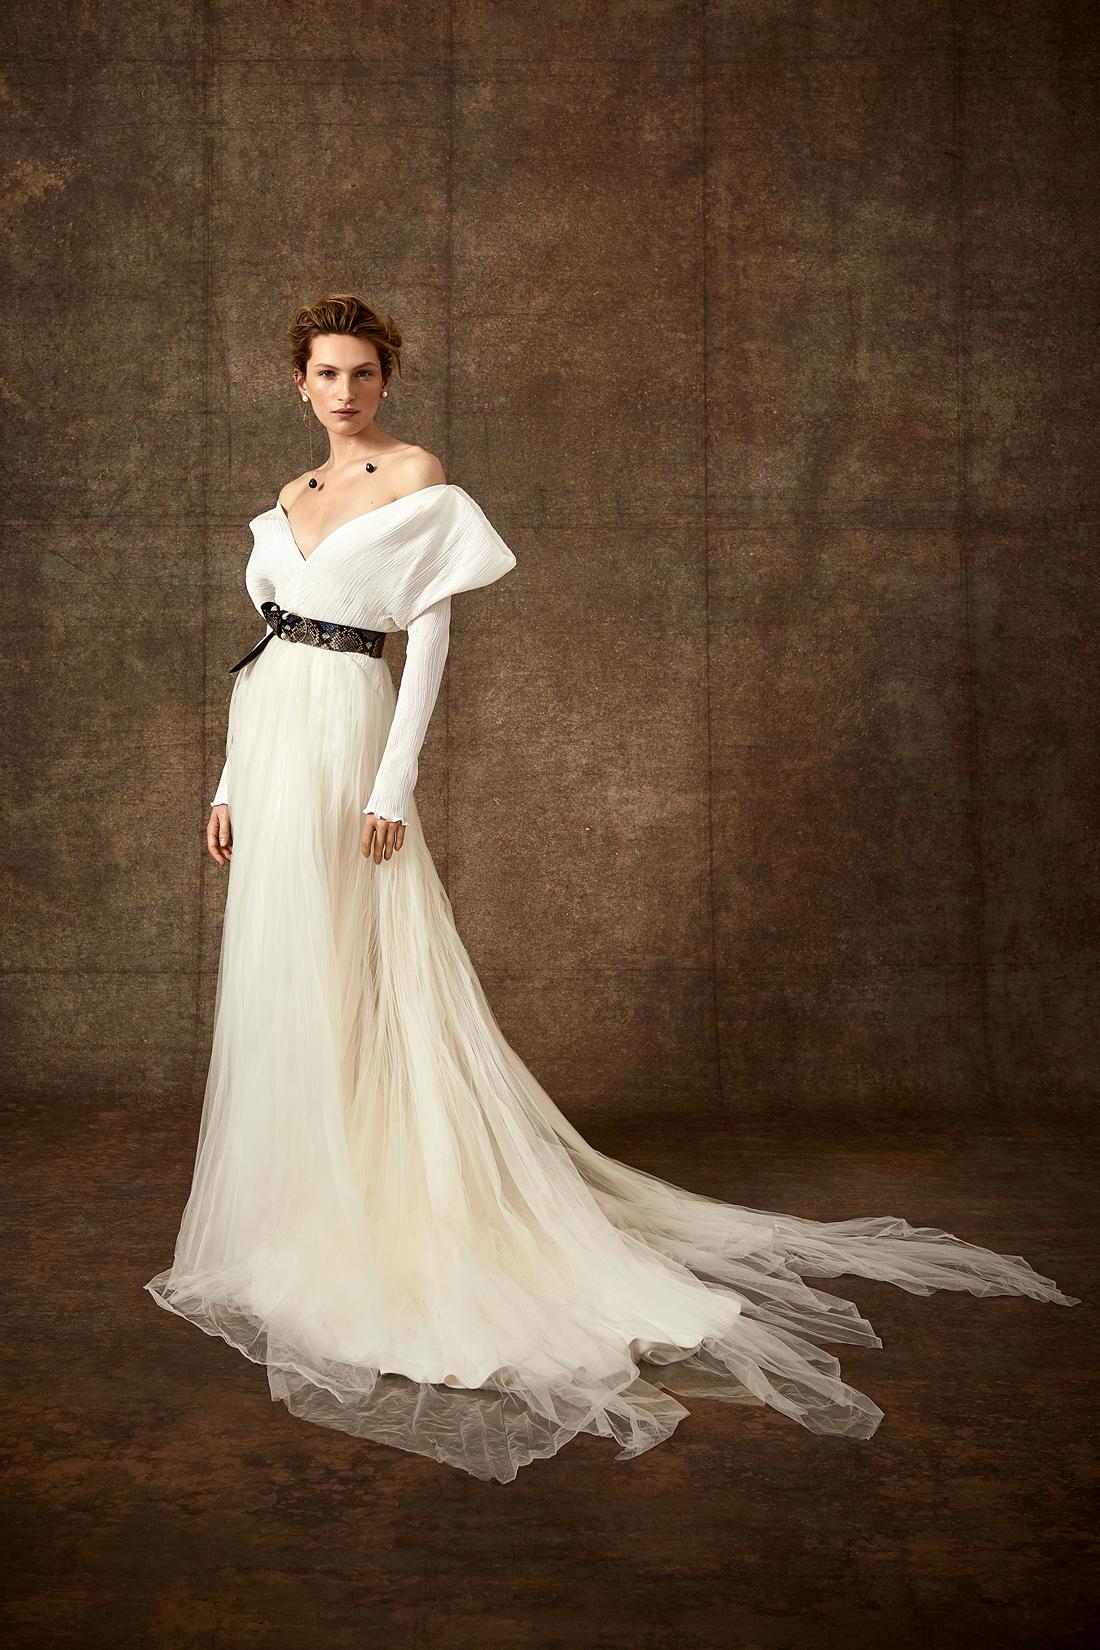 off-the-shoulder v-neck ribbed long sleeve tulle wedding dress Danielle Frankel Spring 2020